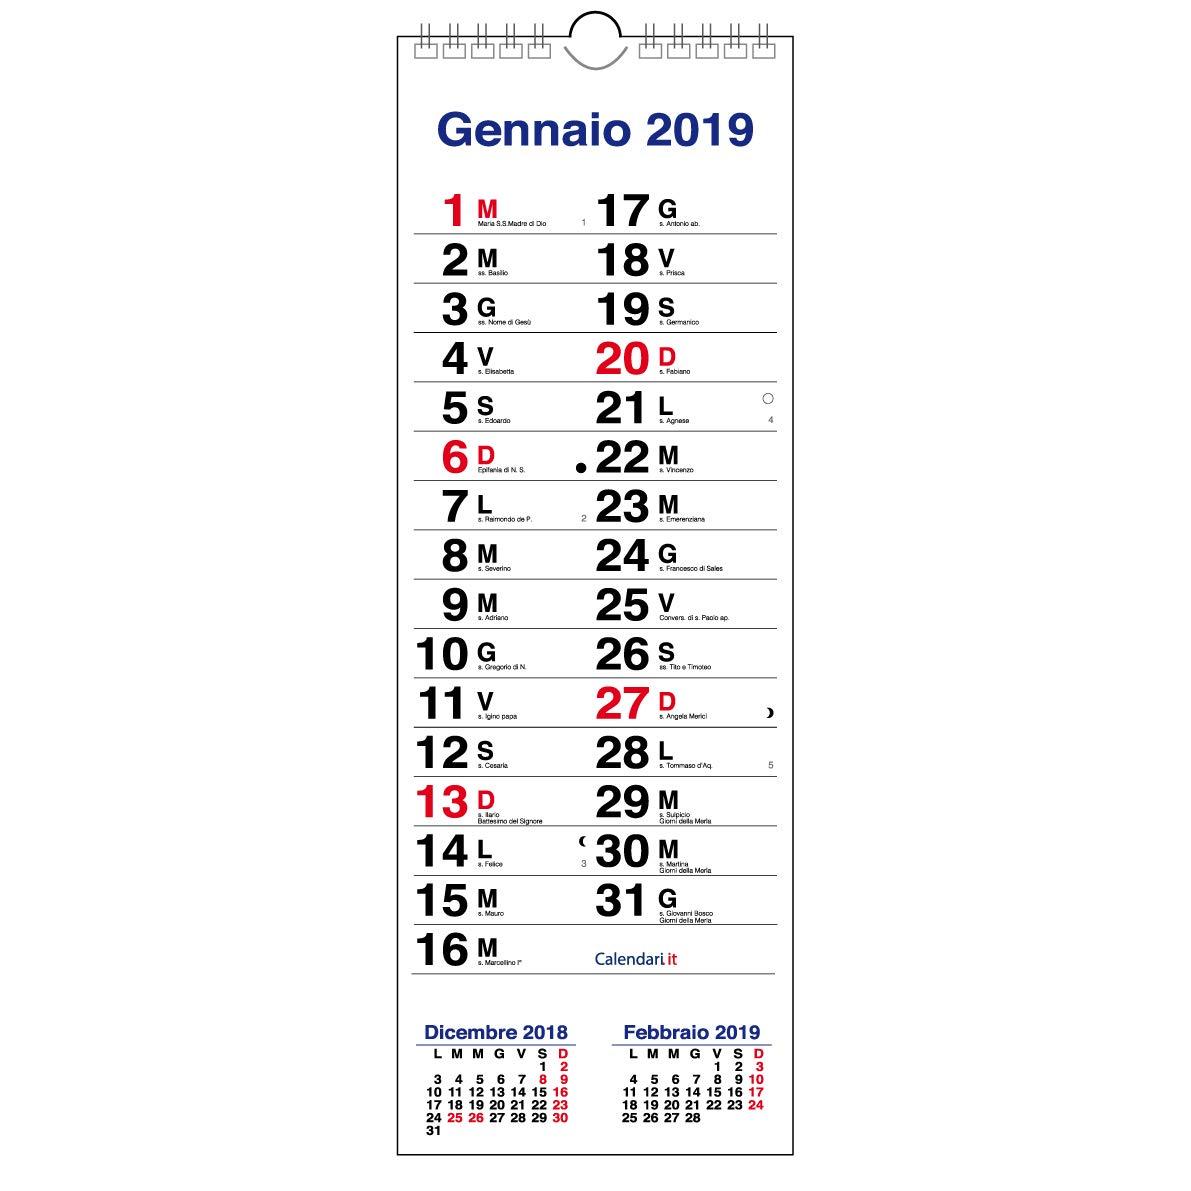 Calendario 2019 OLANDESE SLIM da muro 3 mesi per scrivere appunti 15x42 cm